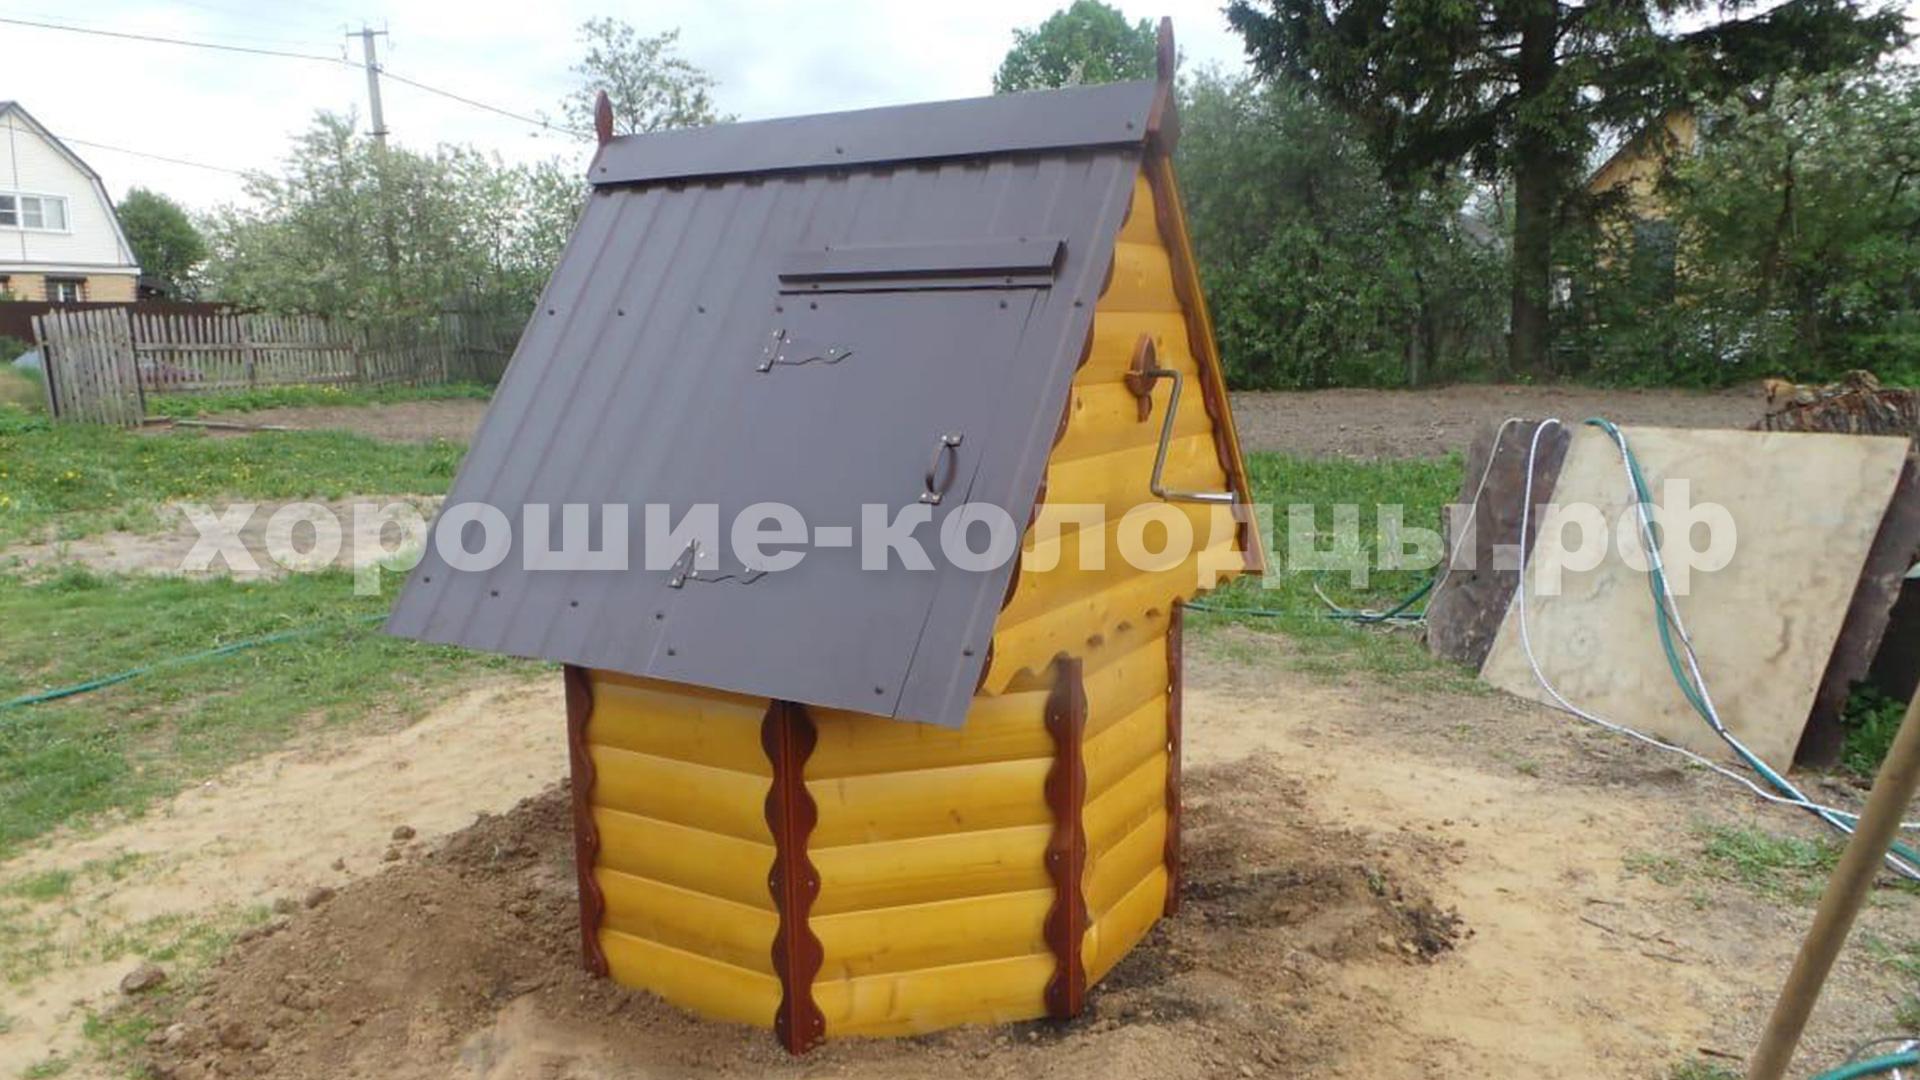 олодец на воду 7 колец в СНТ Лудино Гора, Волоколамский р-н, Подмосковье